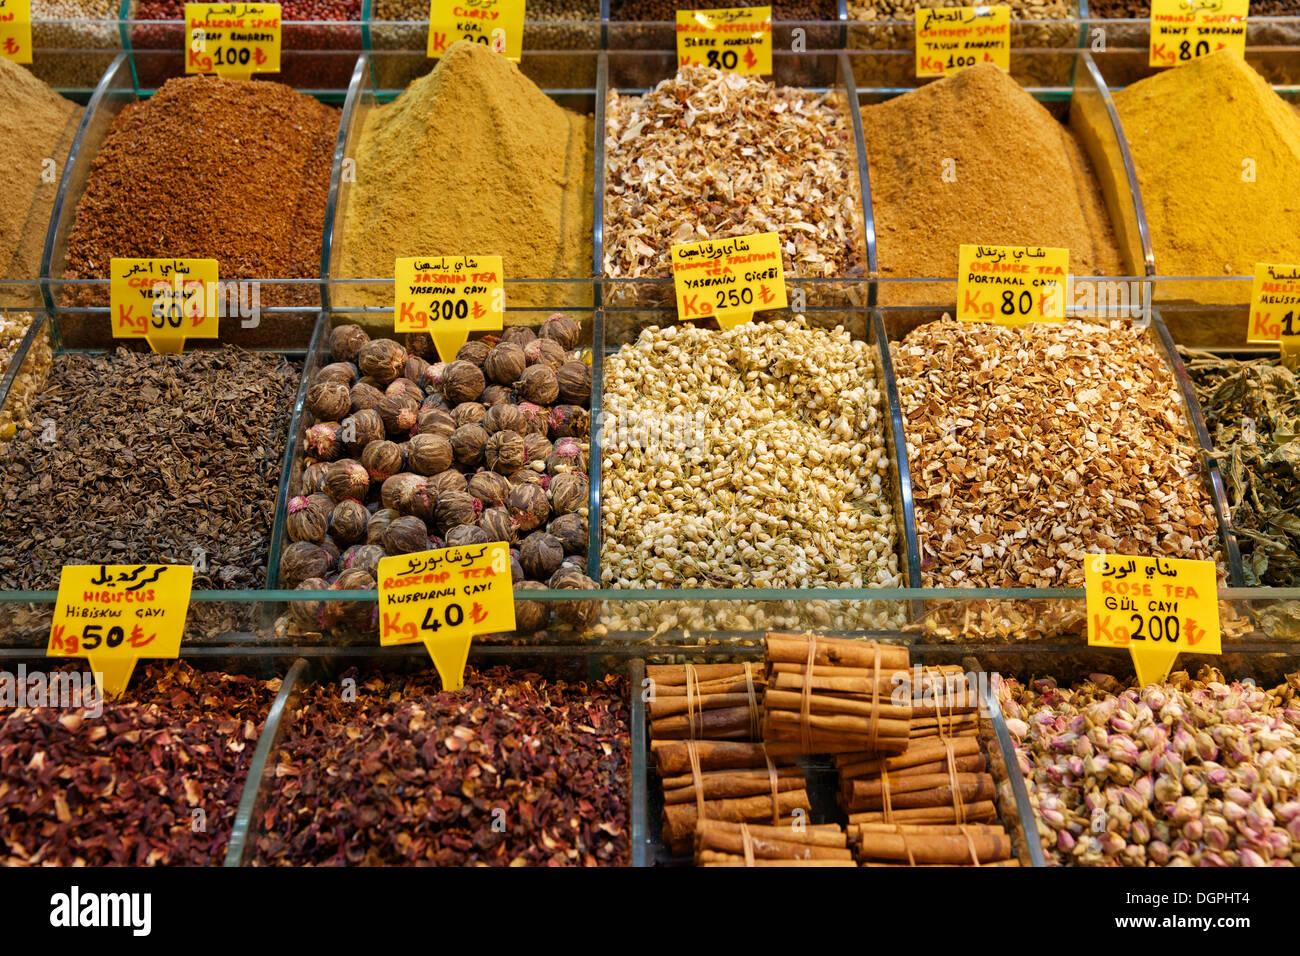 Various teas and spices, Egyptian Bazaar or Spice Bazaar, Misir Çarşısı, Eminönü, Istanbul, European side - Stock Image